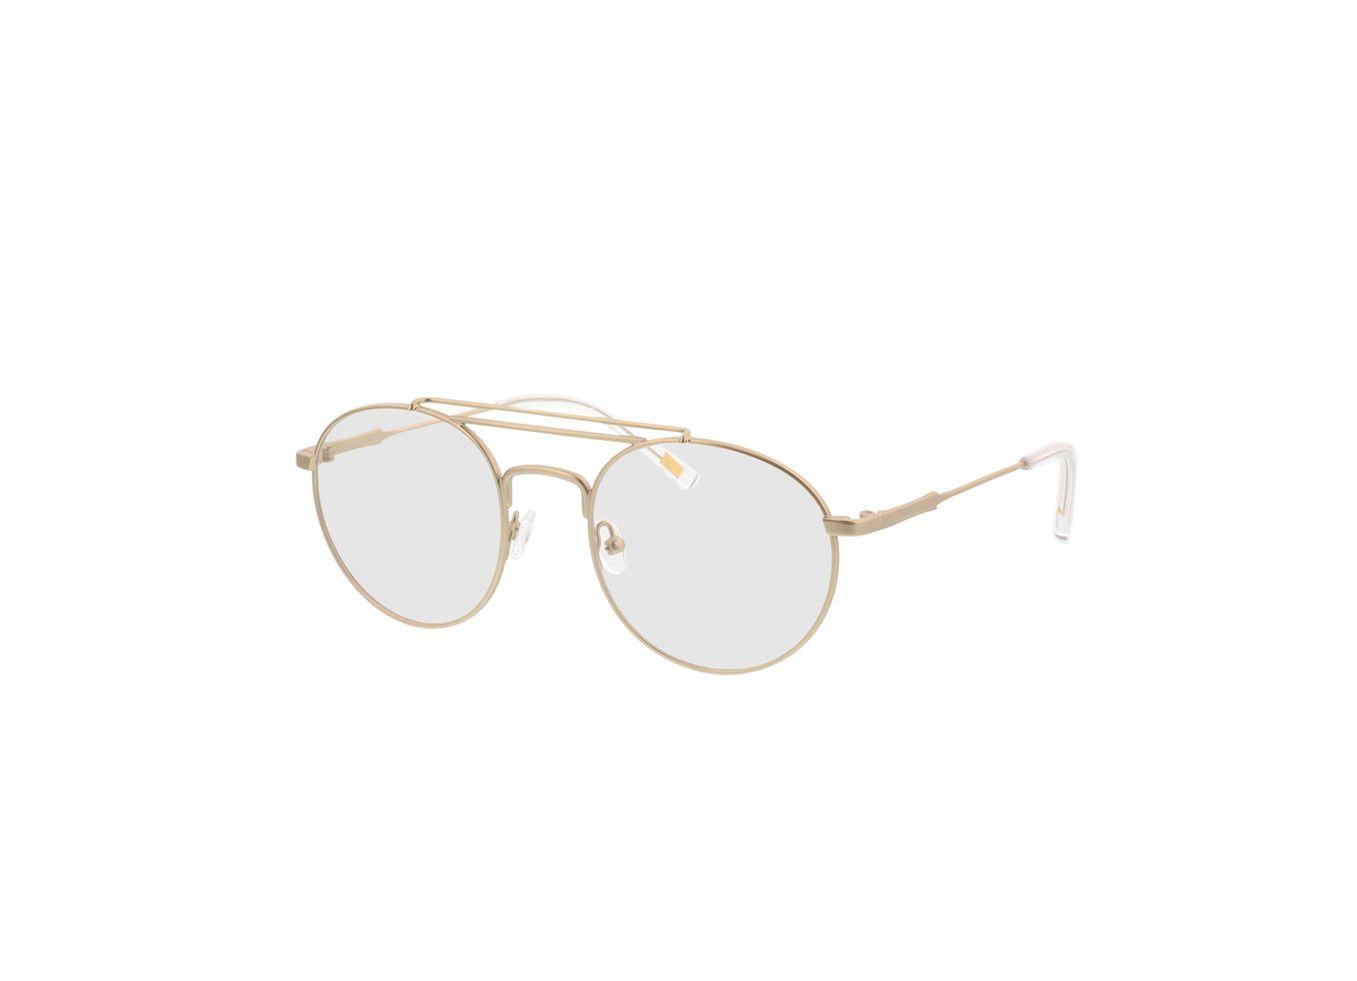 4250325293021-singlevision-0000 Angelo-gold Gleitsichtbrille, Vollrand, Rund OMNIO by Brille24